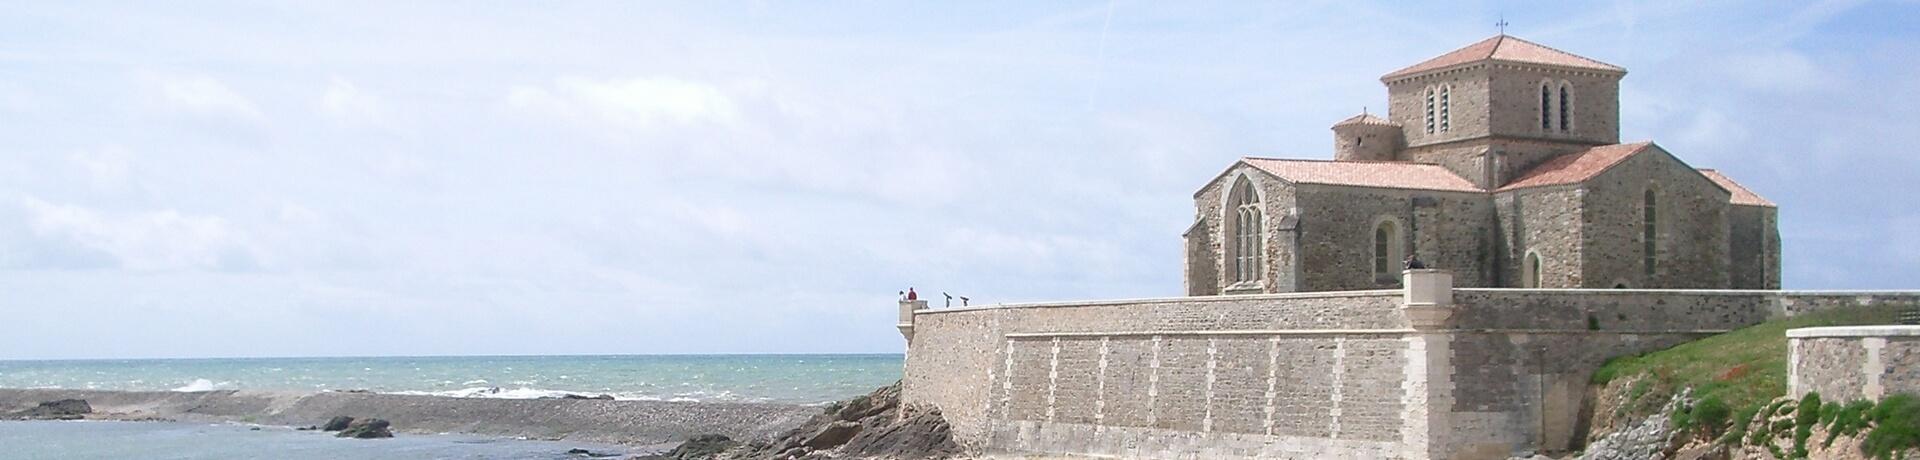 La Chaume - Prieure St-Nicolas